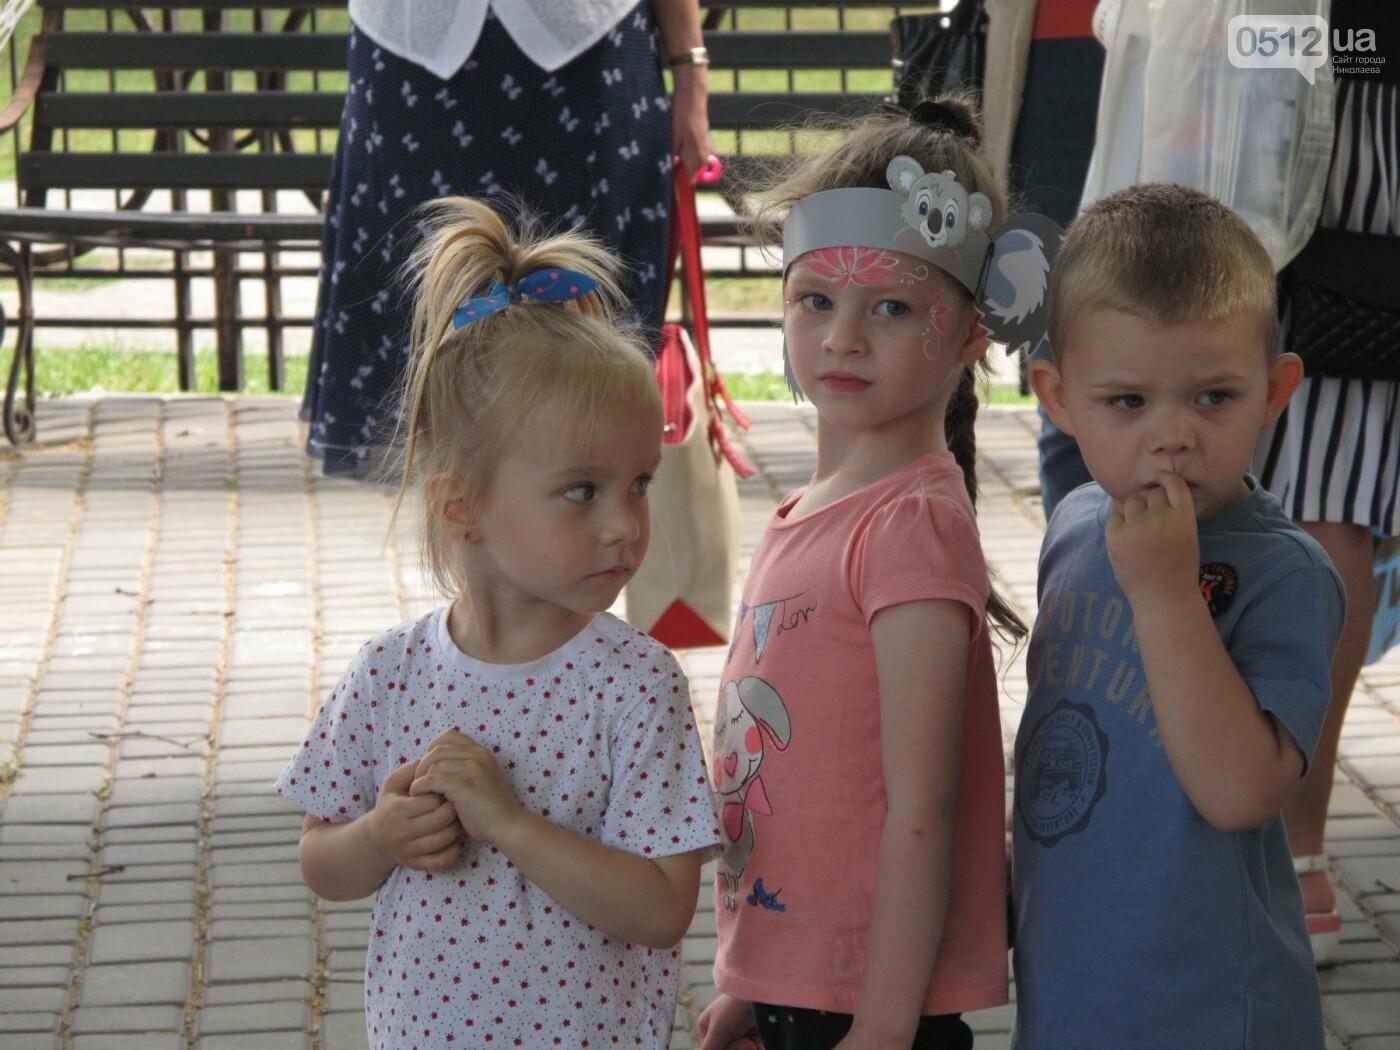 В Сердце города организовали развлекательную программу для детей с нарушением слуха., фото-8